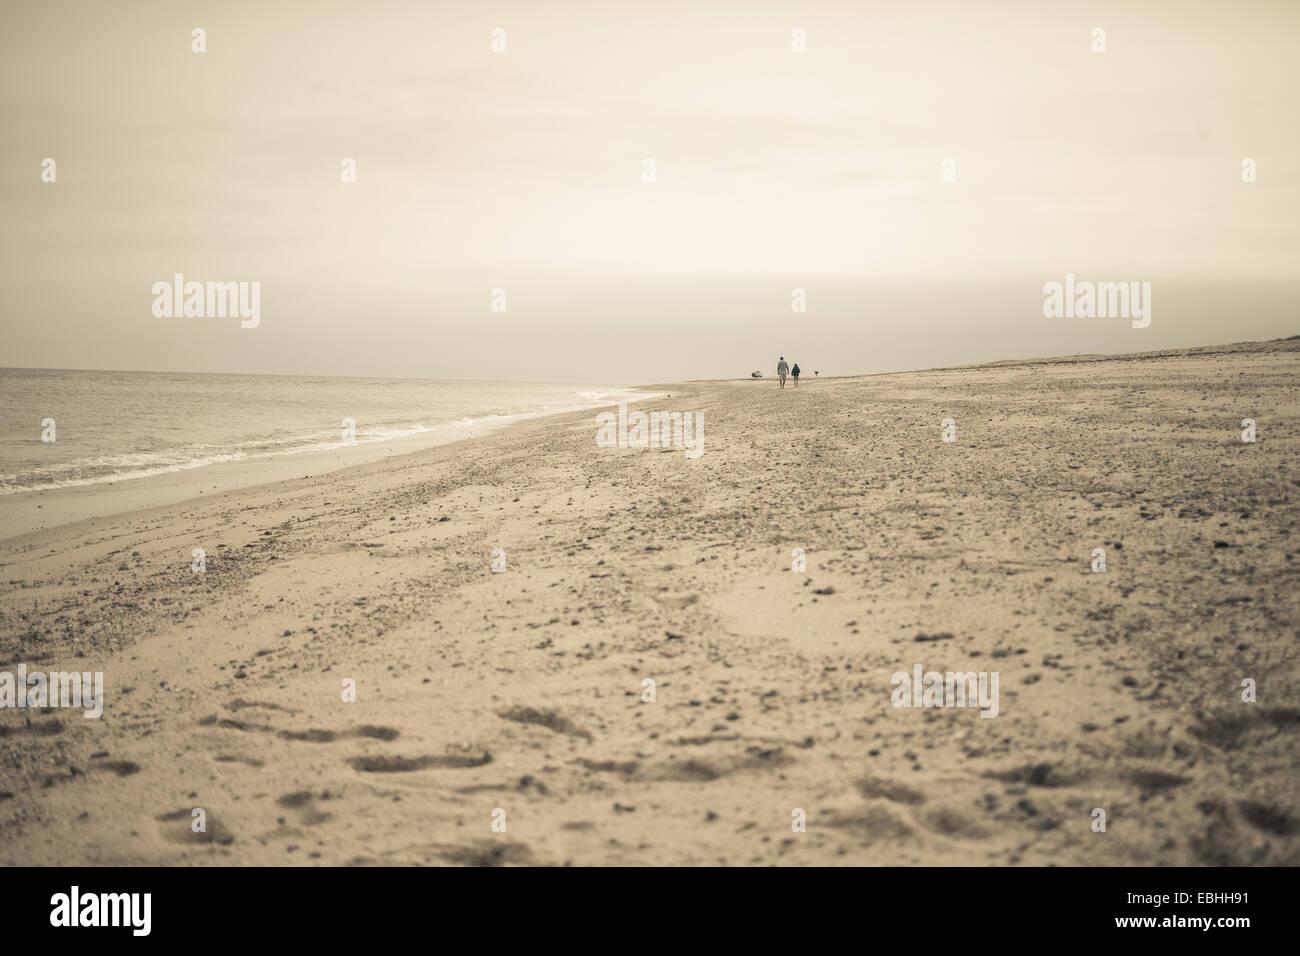 Fernsicht auf zwei Personen, ein Spaziergang am Strand, Truro, Massachusetts, Cape Cod, USA Stockbild